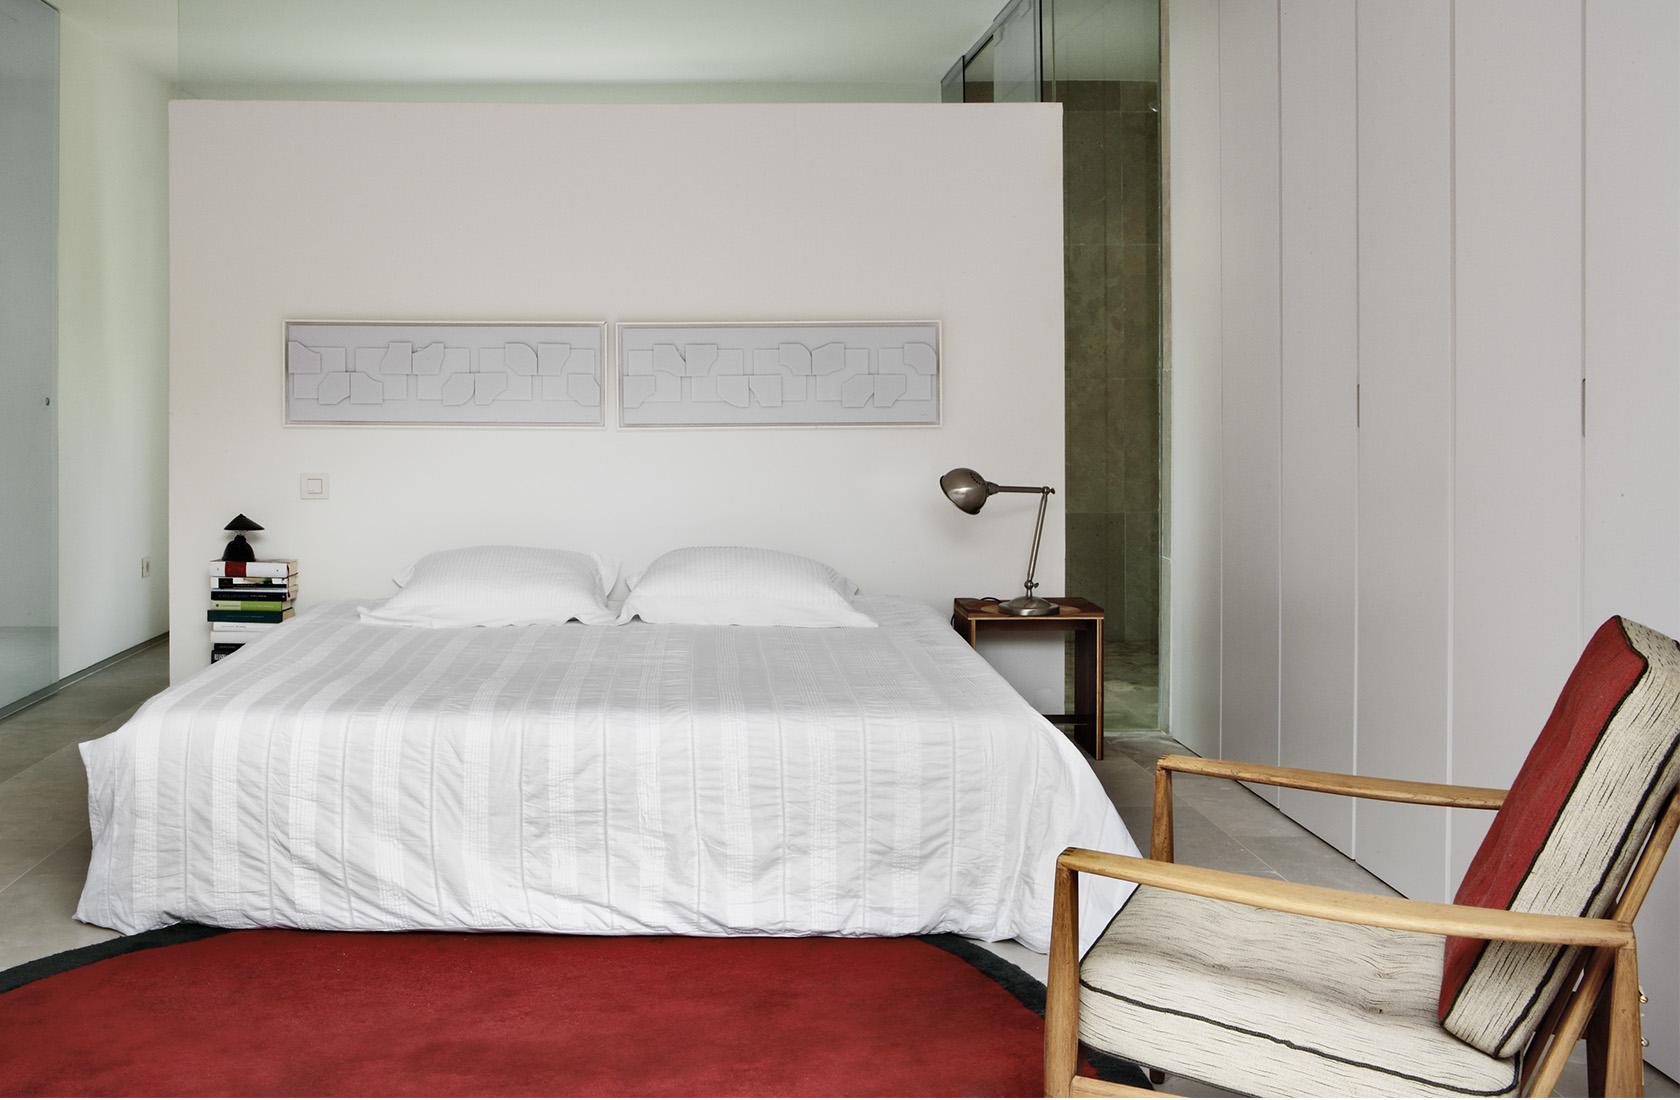 casa-cambrils-dormitorio-01